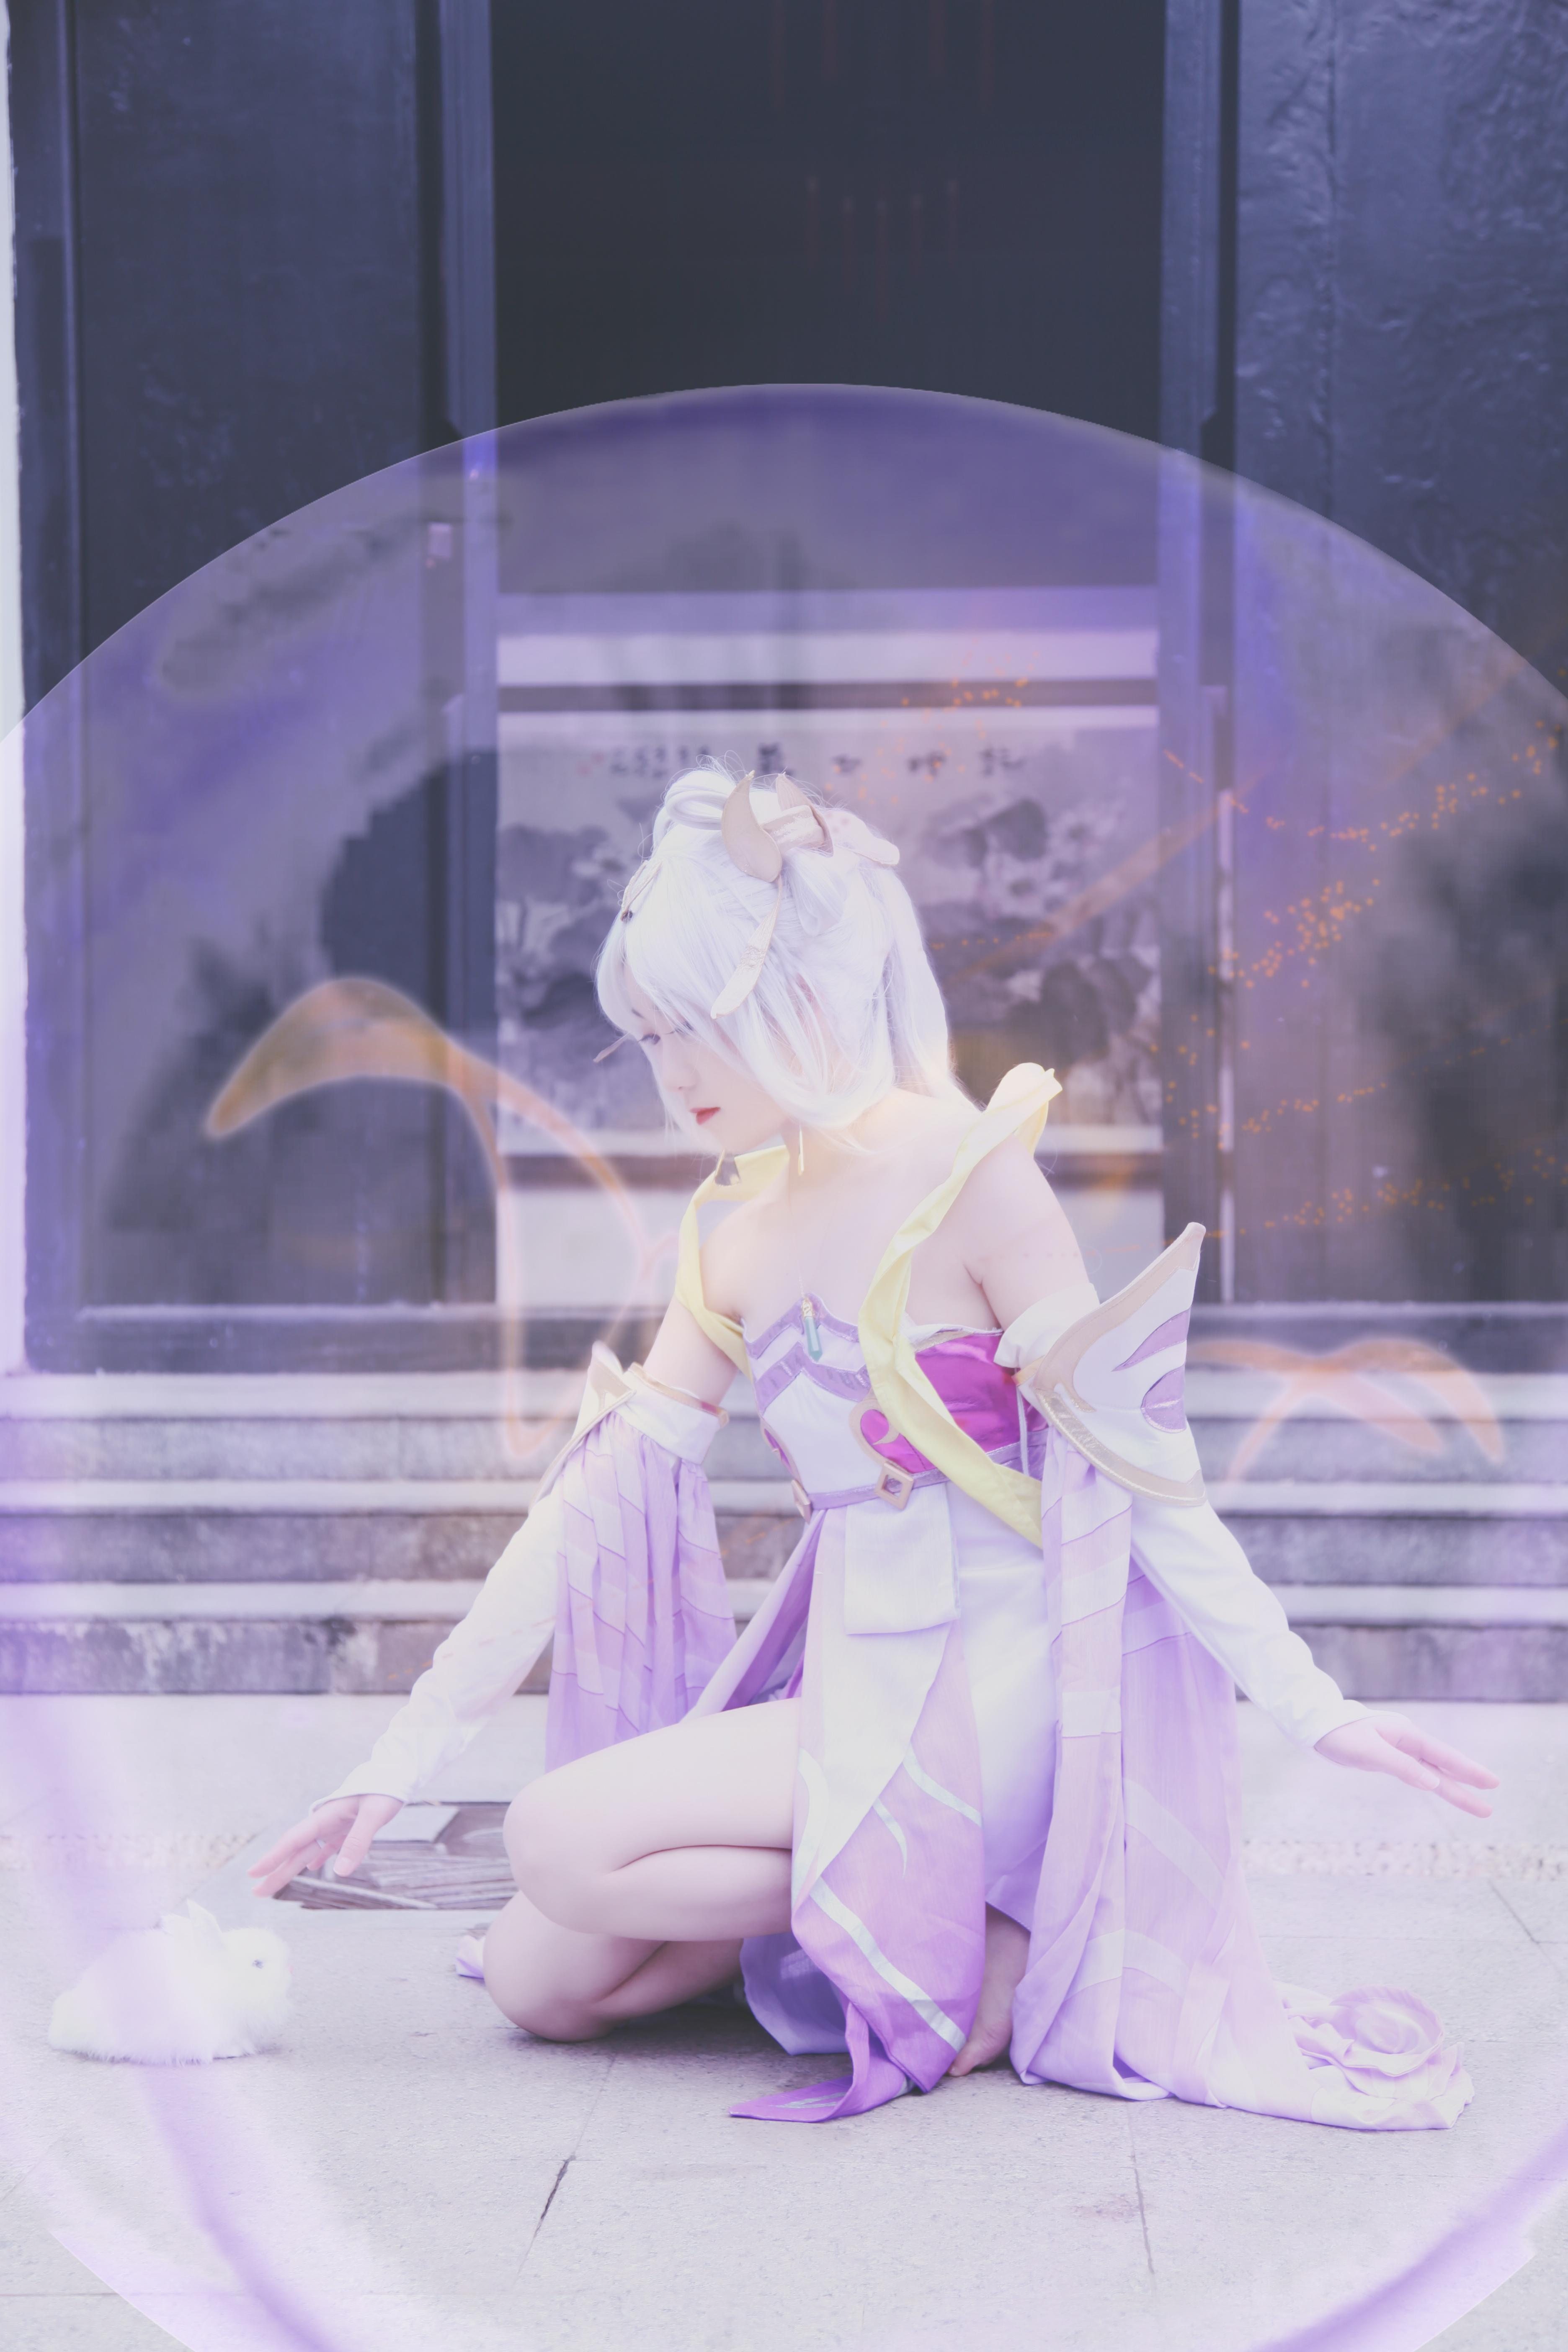 《王者荣耀》美少女cosplay【CN:虞云歌】-第7张